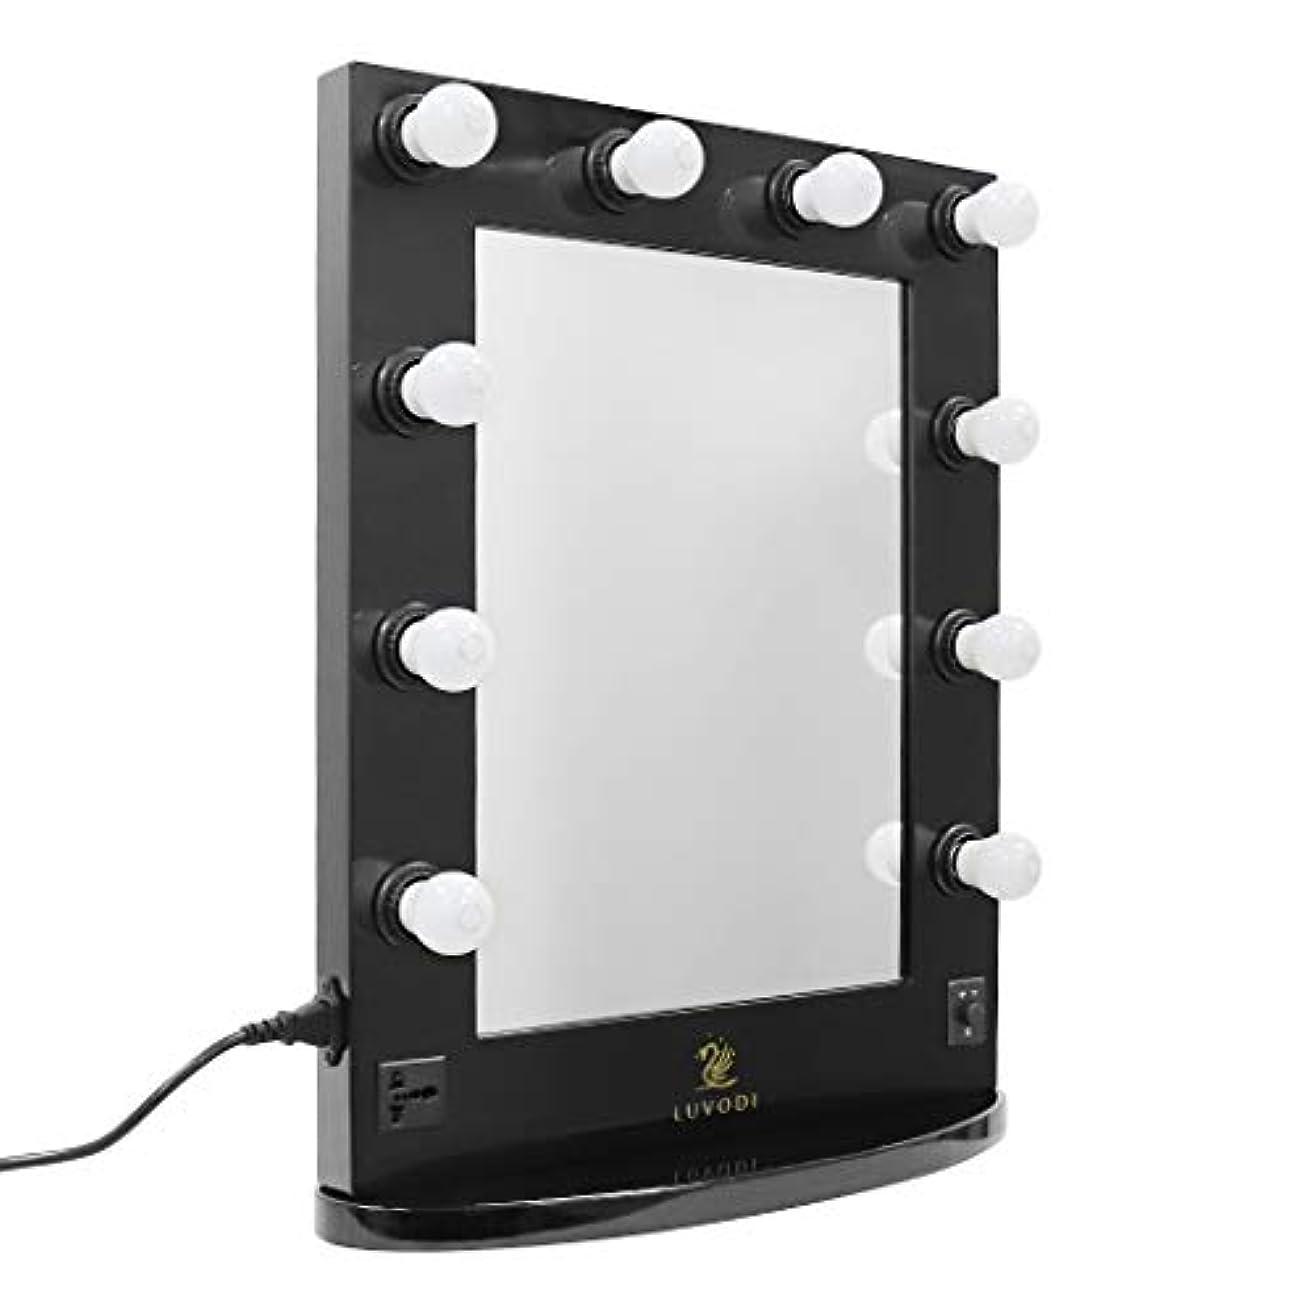 辛い恐ろしいみすぼらしいLUVODI ハリウッドミラー 女優 ドレッサー LEDライト付き 壁掛け化粧鏡 大型 2way ブラック